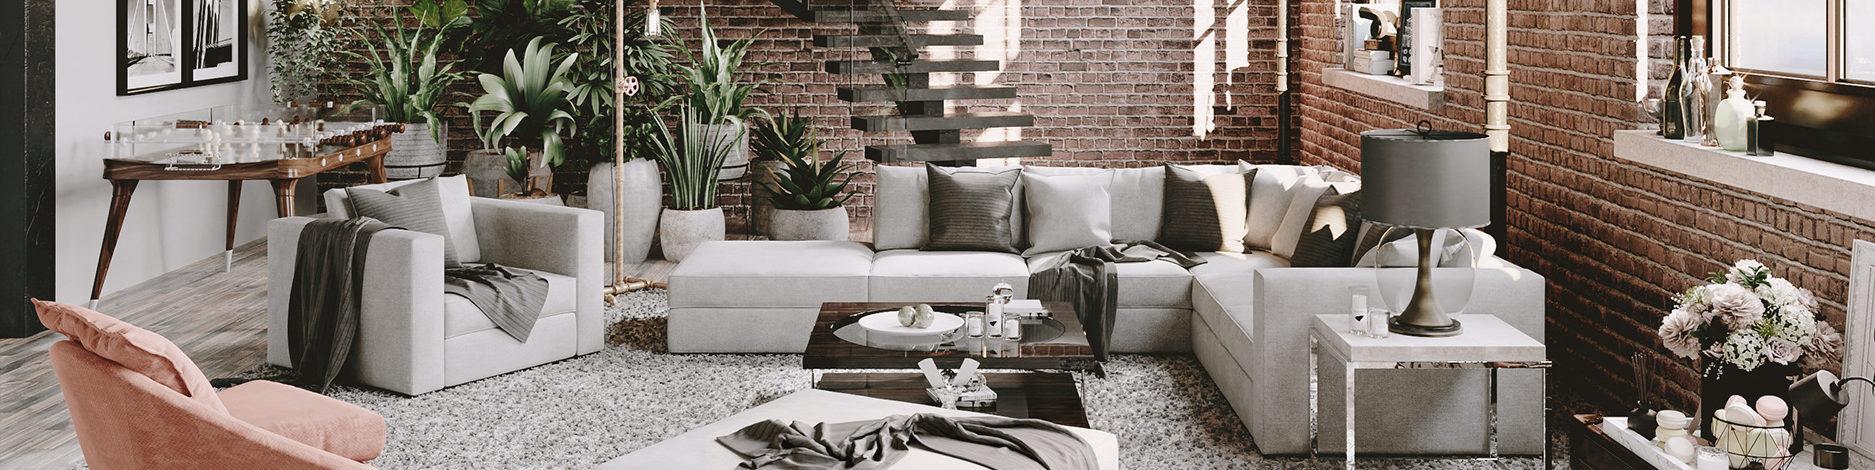 Mẫu Ghế Sofa Đẹp Nên Có Trong Phòng Khách 2